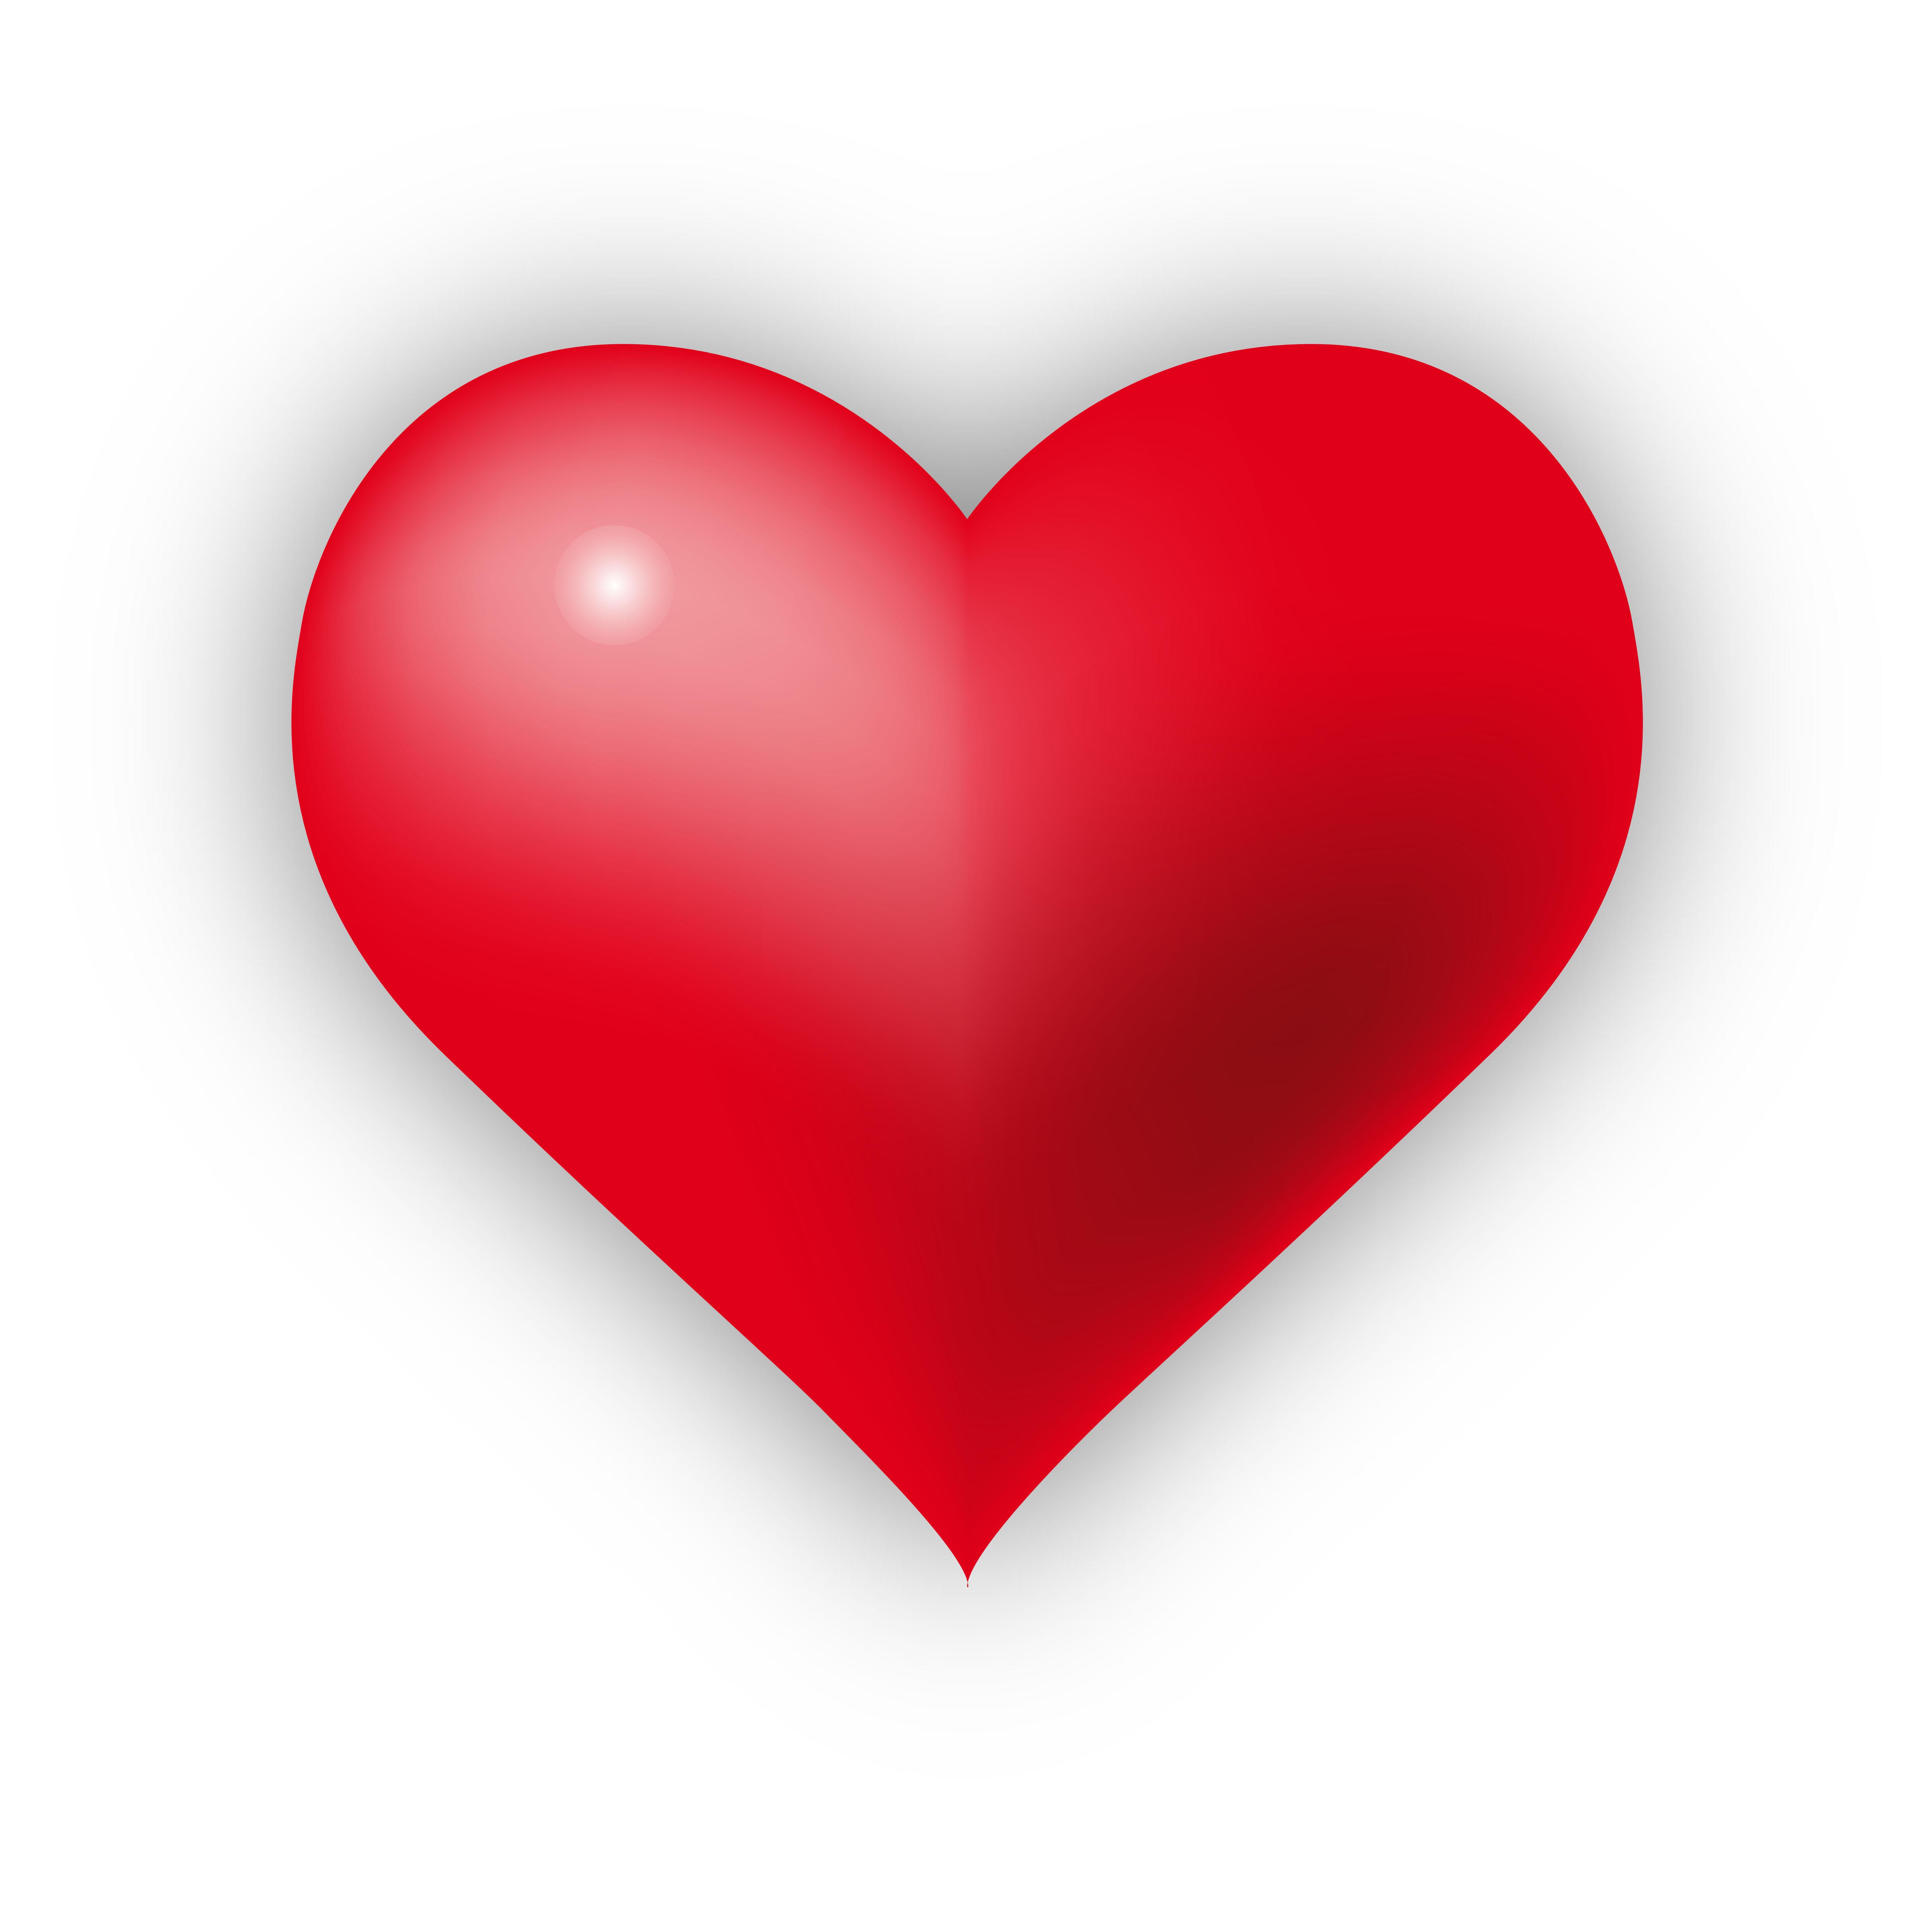 photos heart of - photo #1